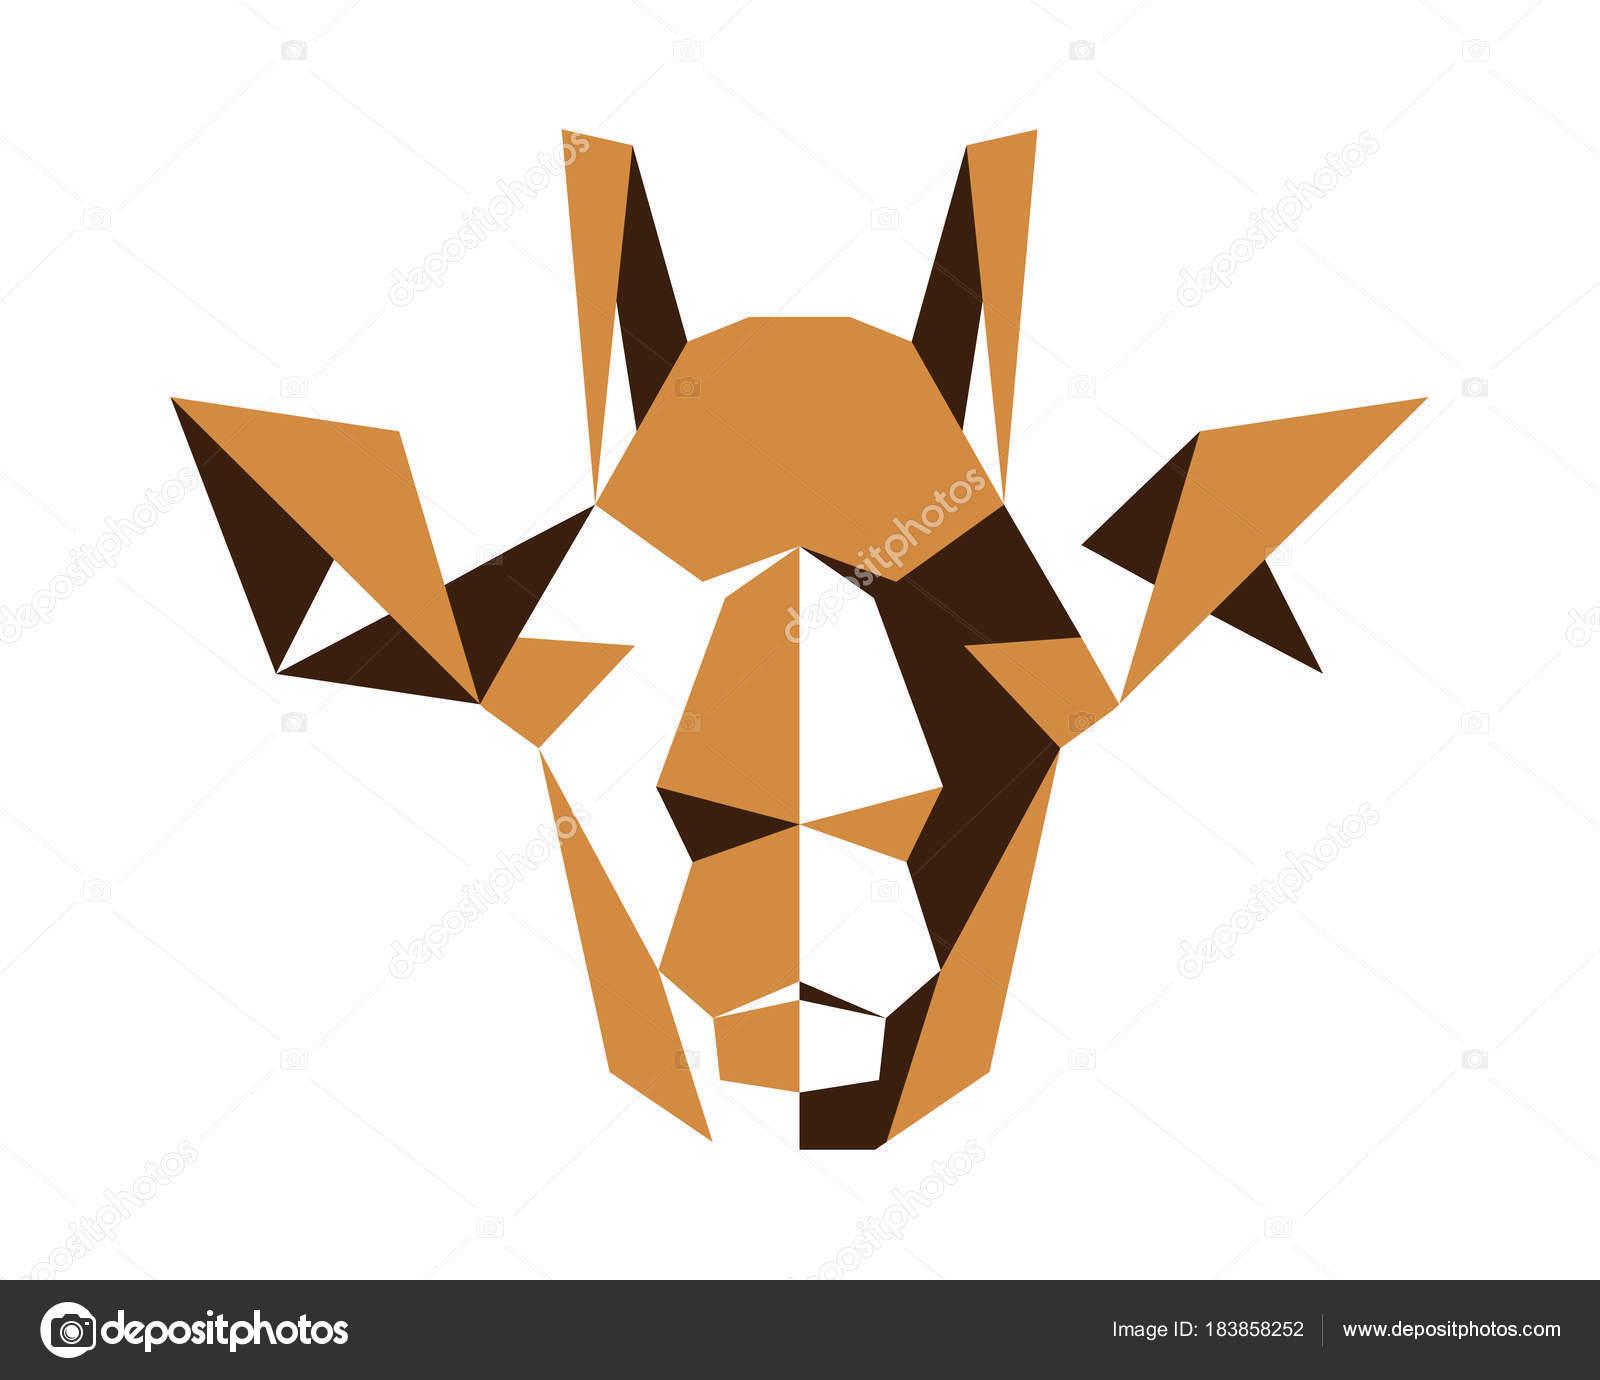 Polygonal Symmetrical Abstract Animal Logo Giraffe Stock Vector